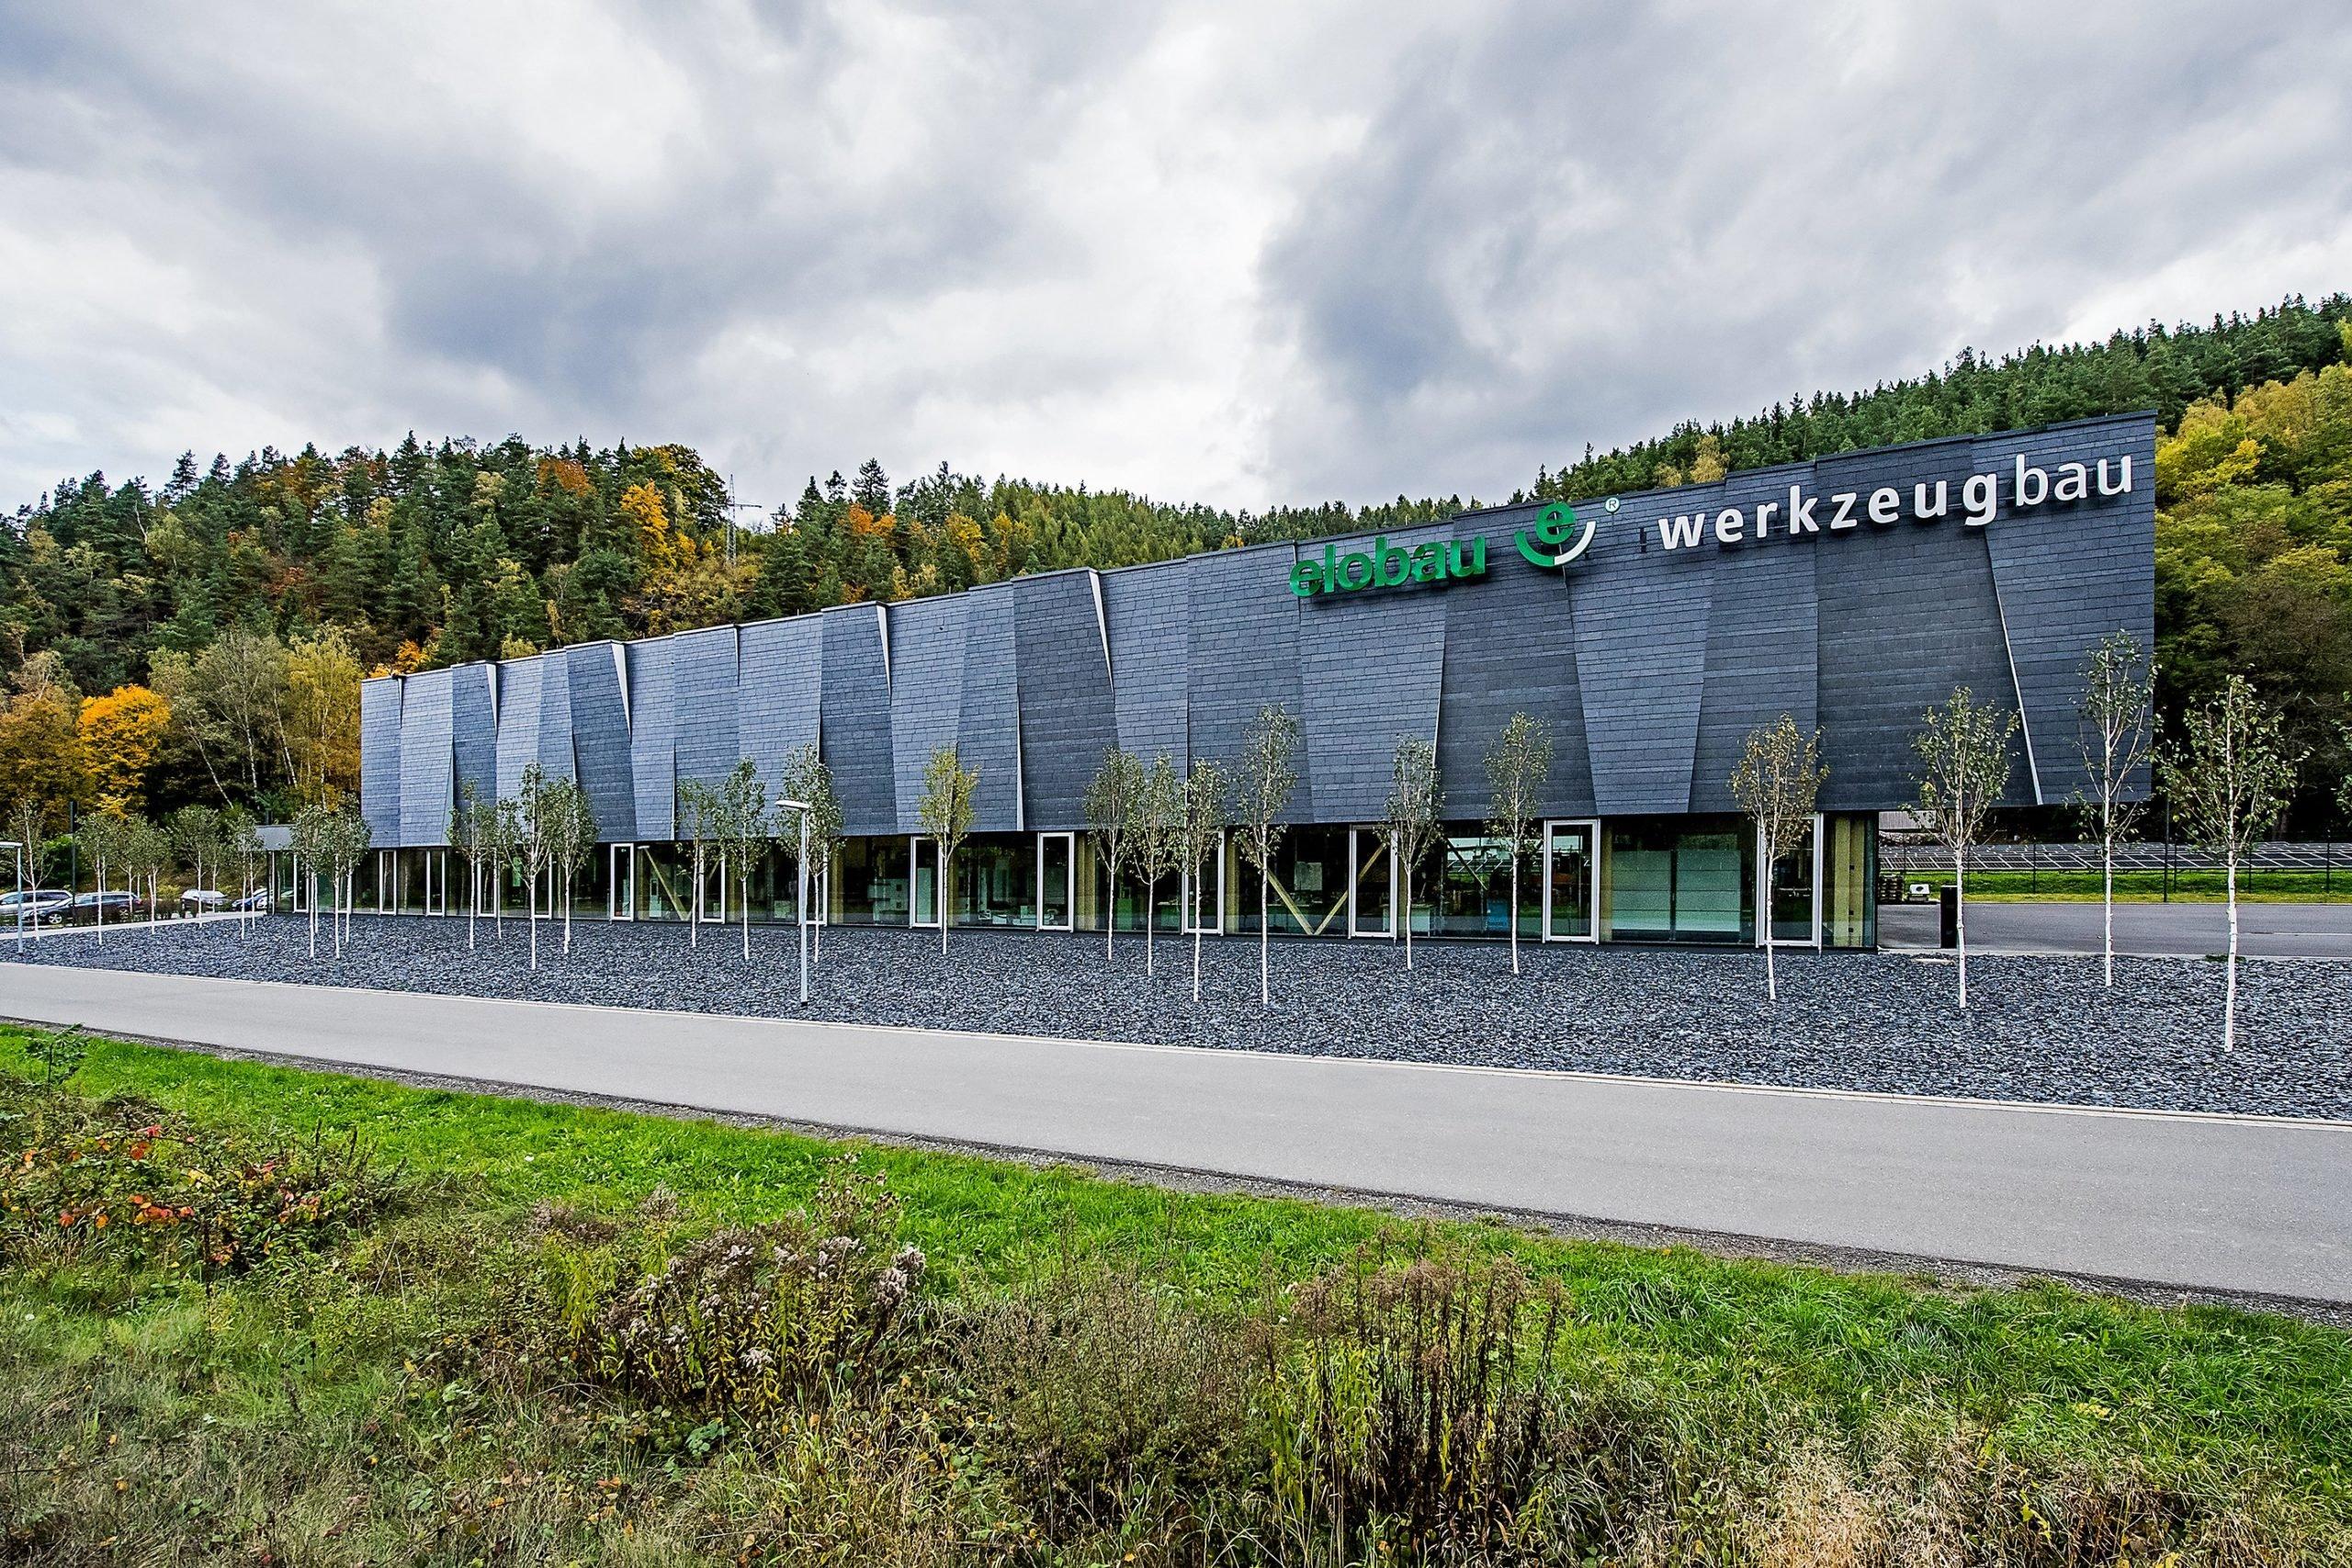 elobau Werzeugbau Probstzella